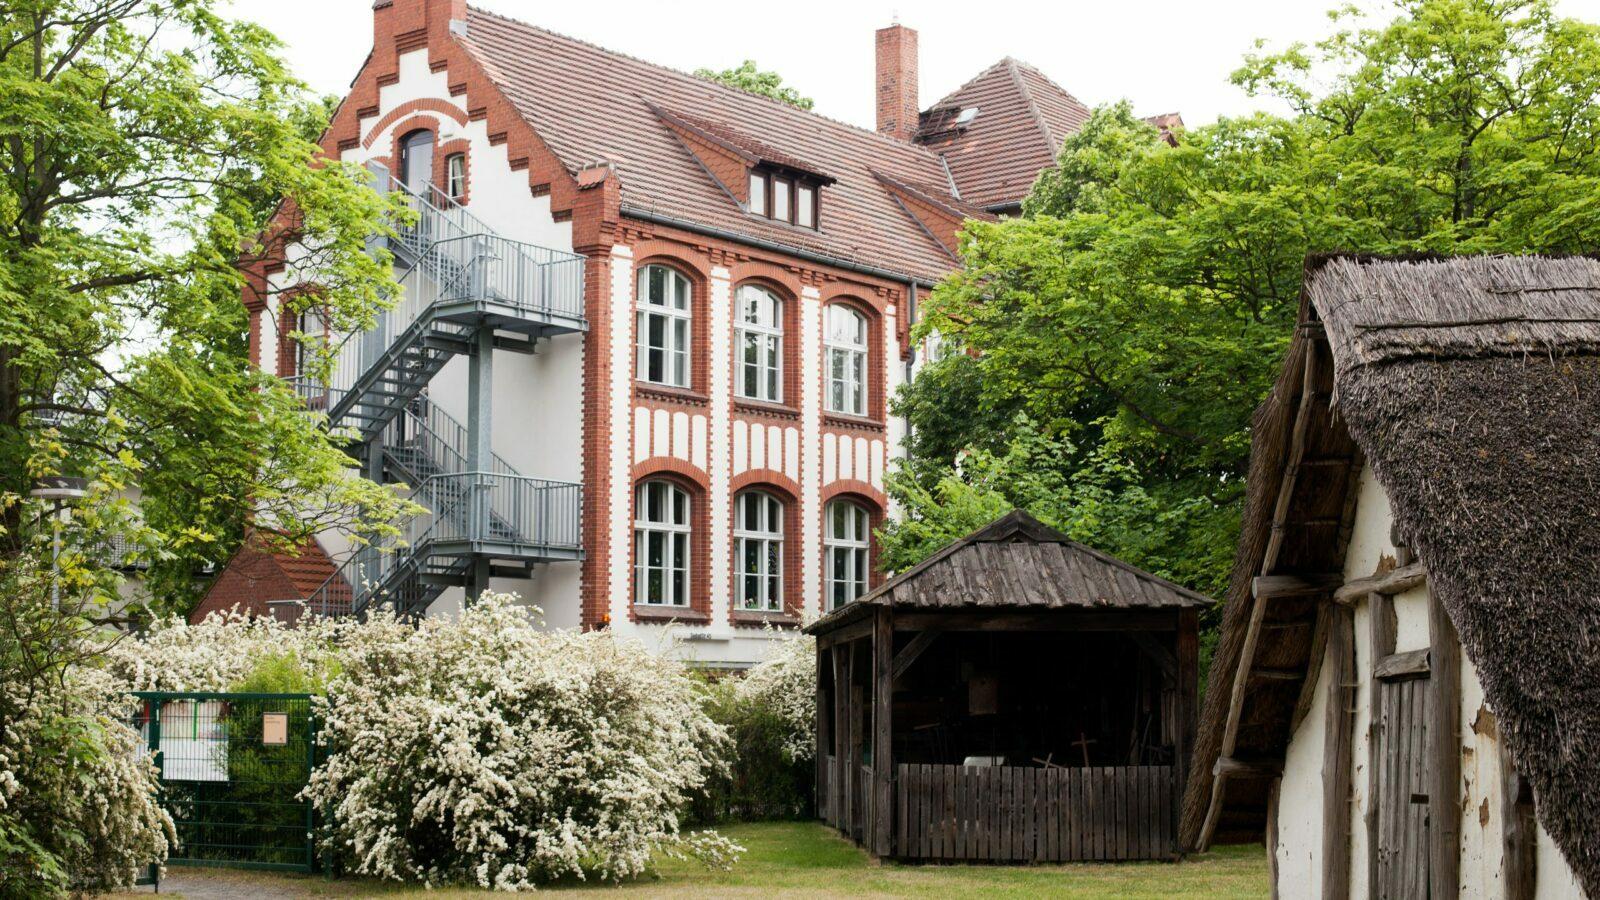 GalerieETAGE im Museum Reinickendorf